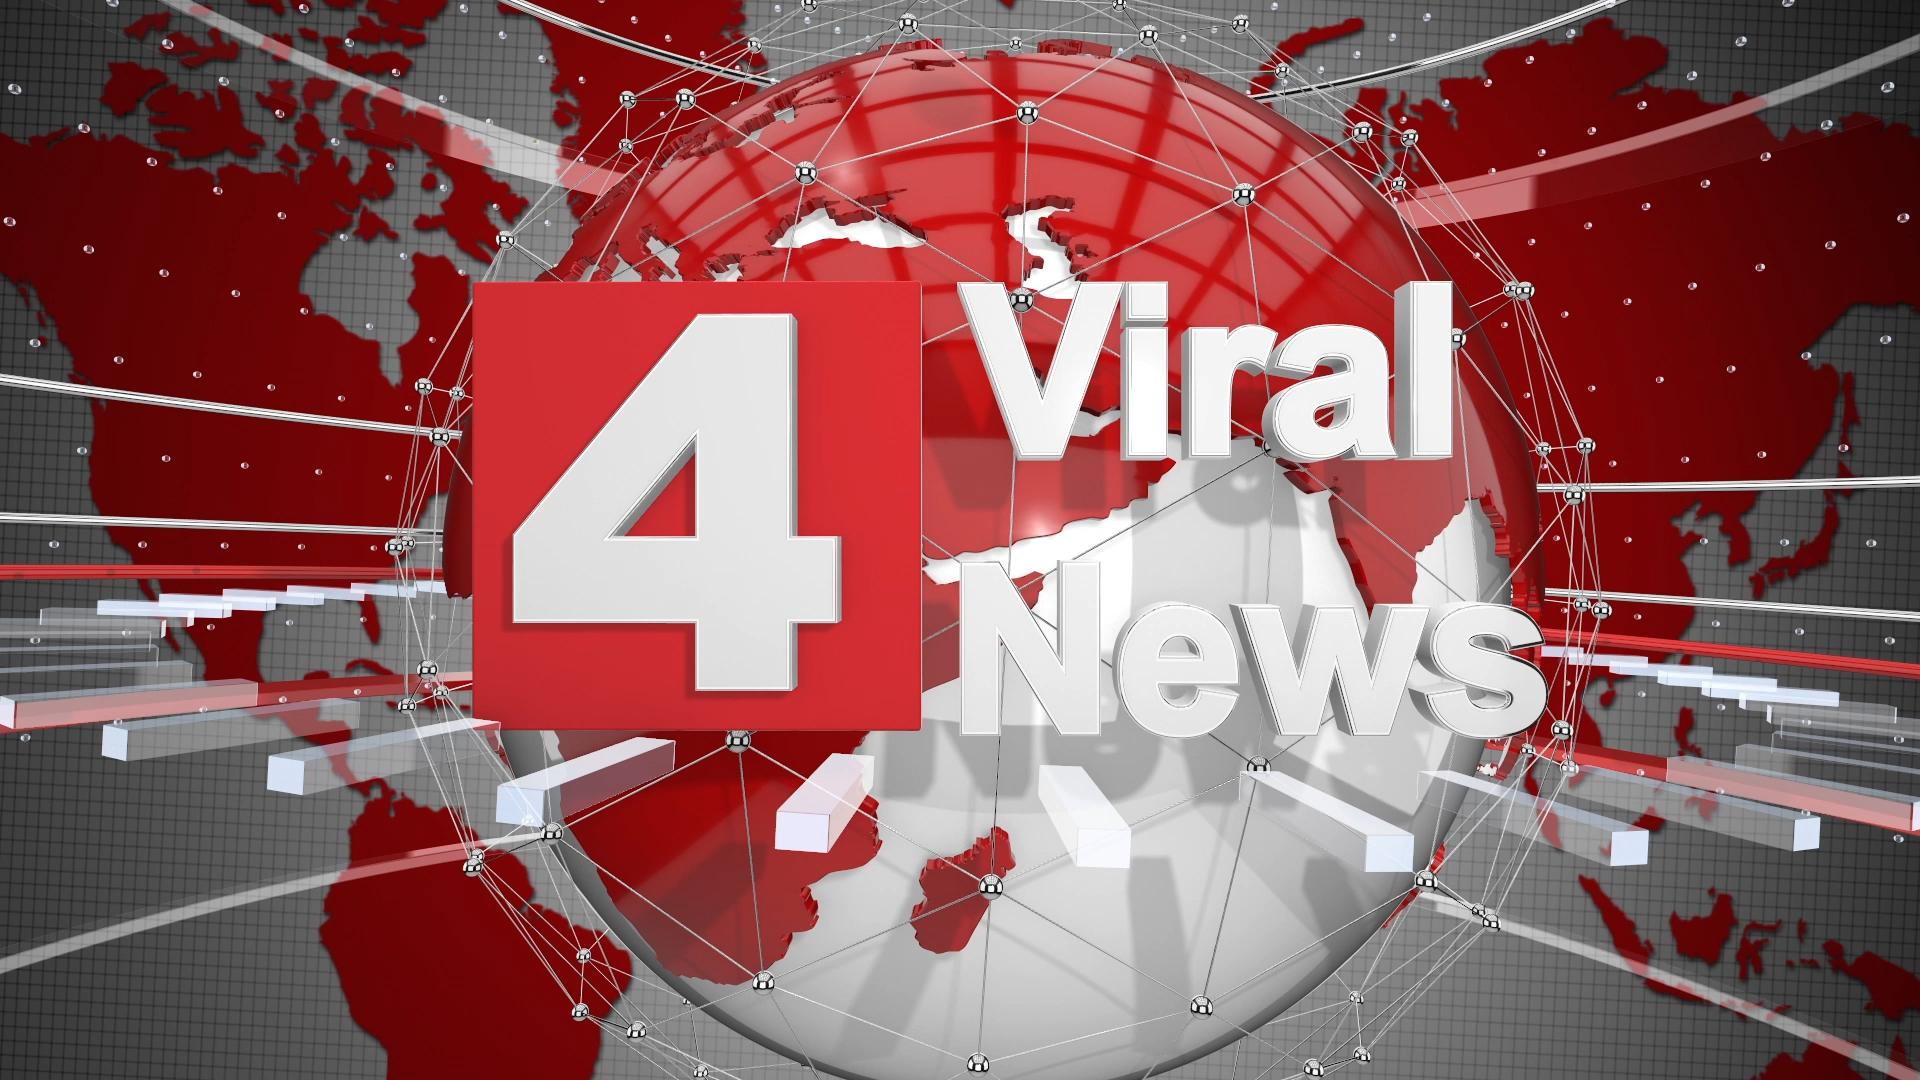 4 Viral News